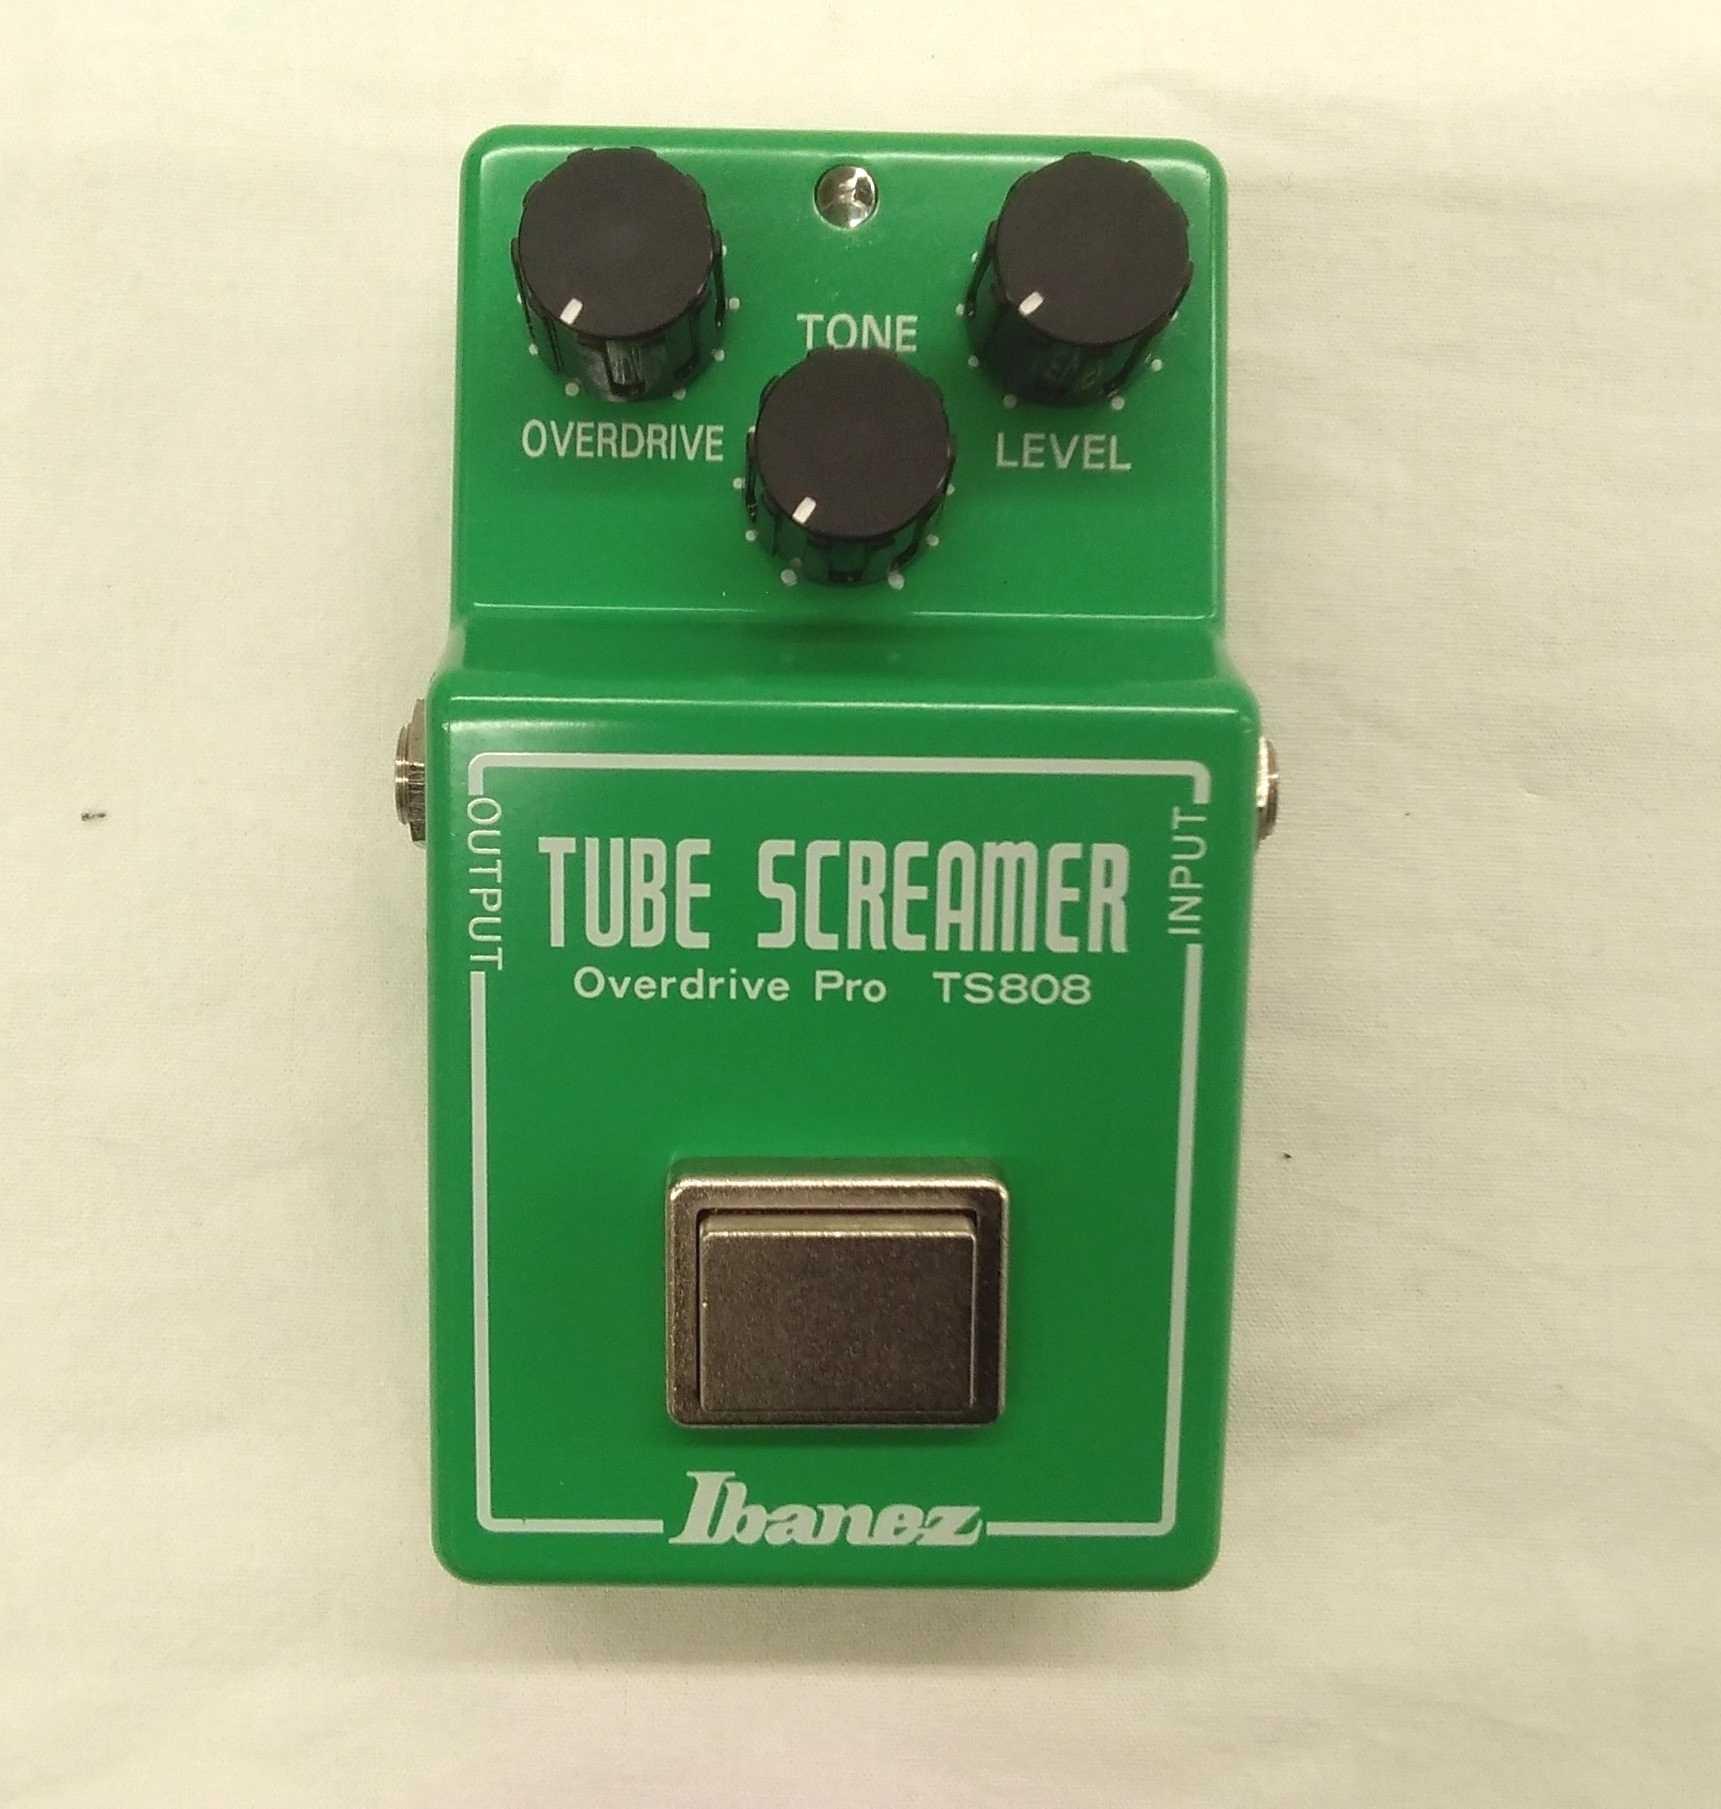 一番最初に発売されたTUBE SCREAMERの復刻モデル|IBANEZ